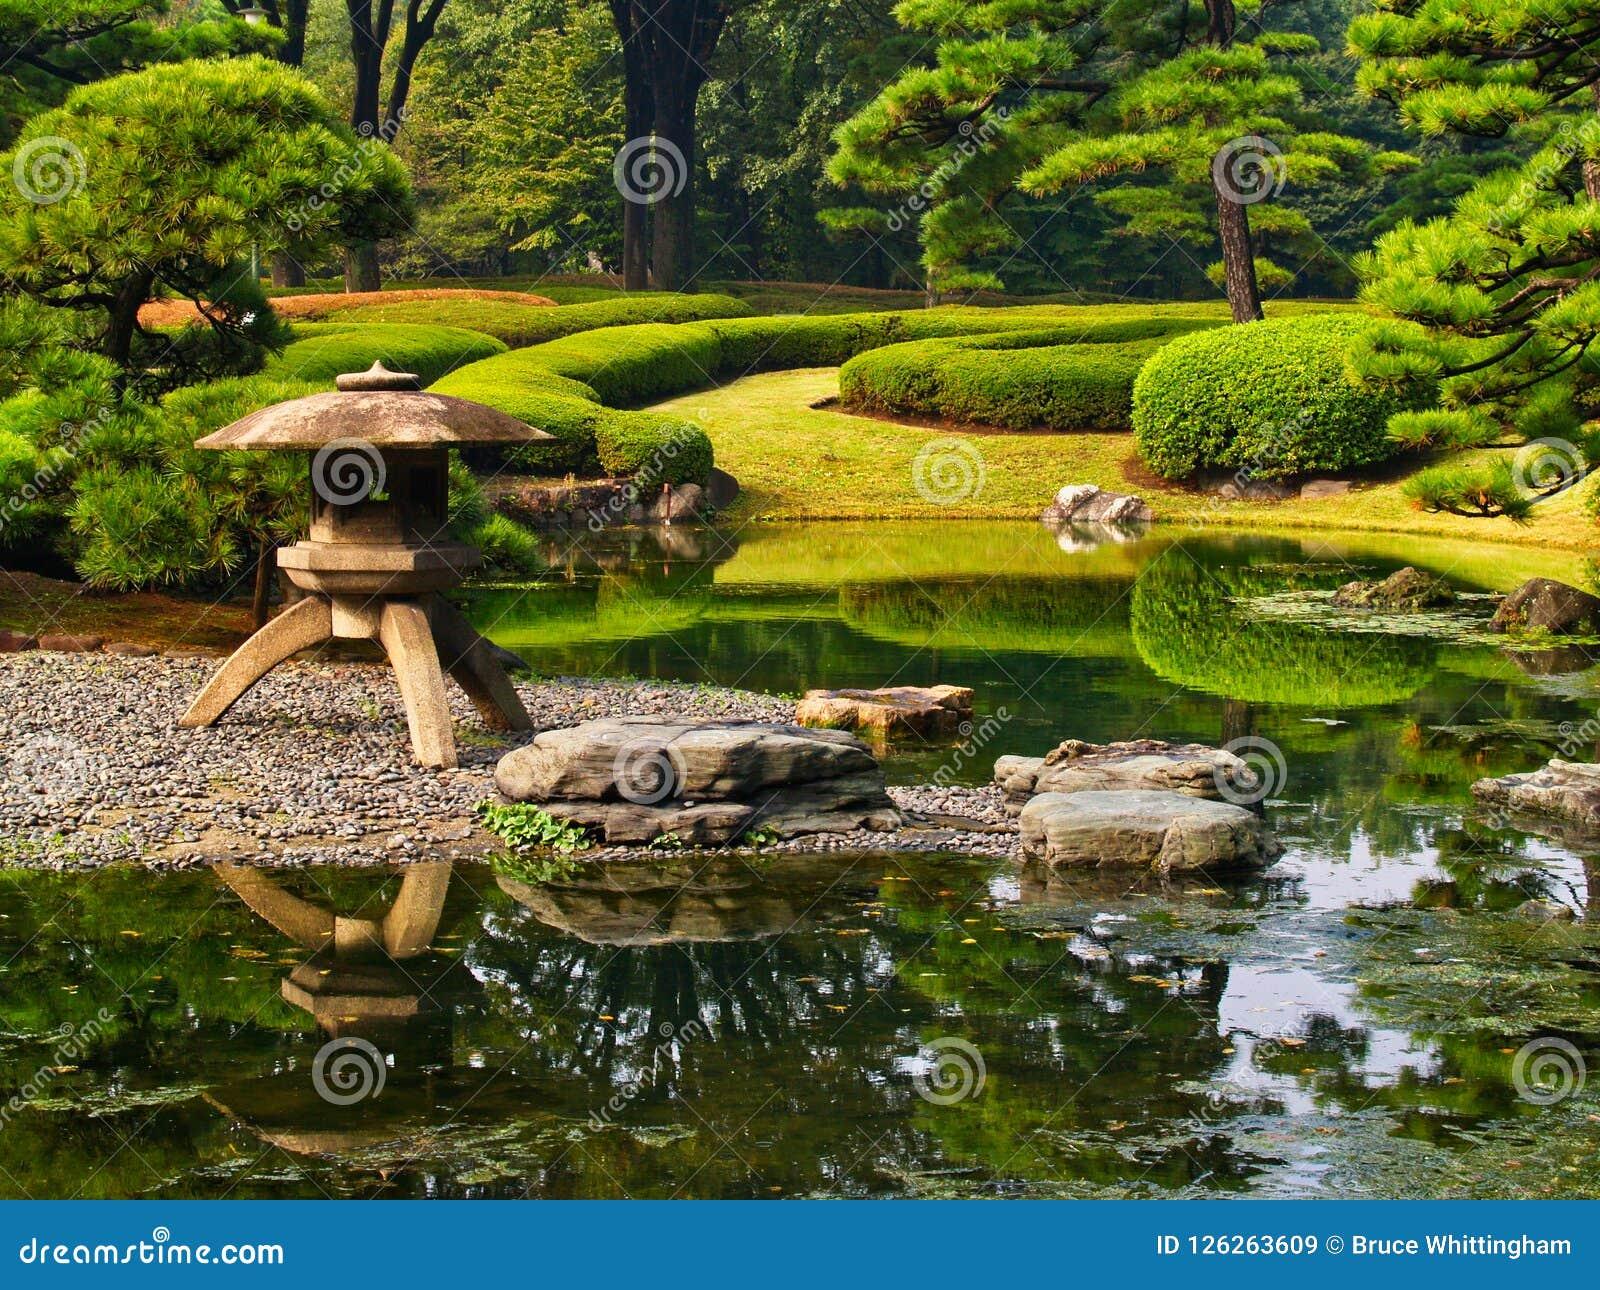 Característica formal del agua, jardines imperiales del palacio, Tokio, Japón